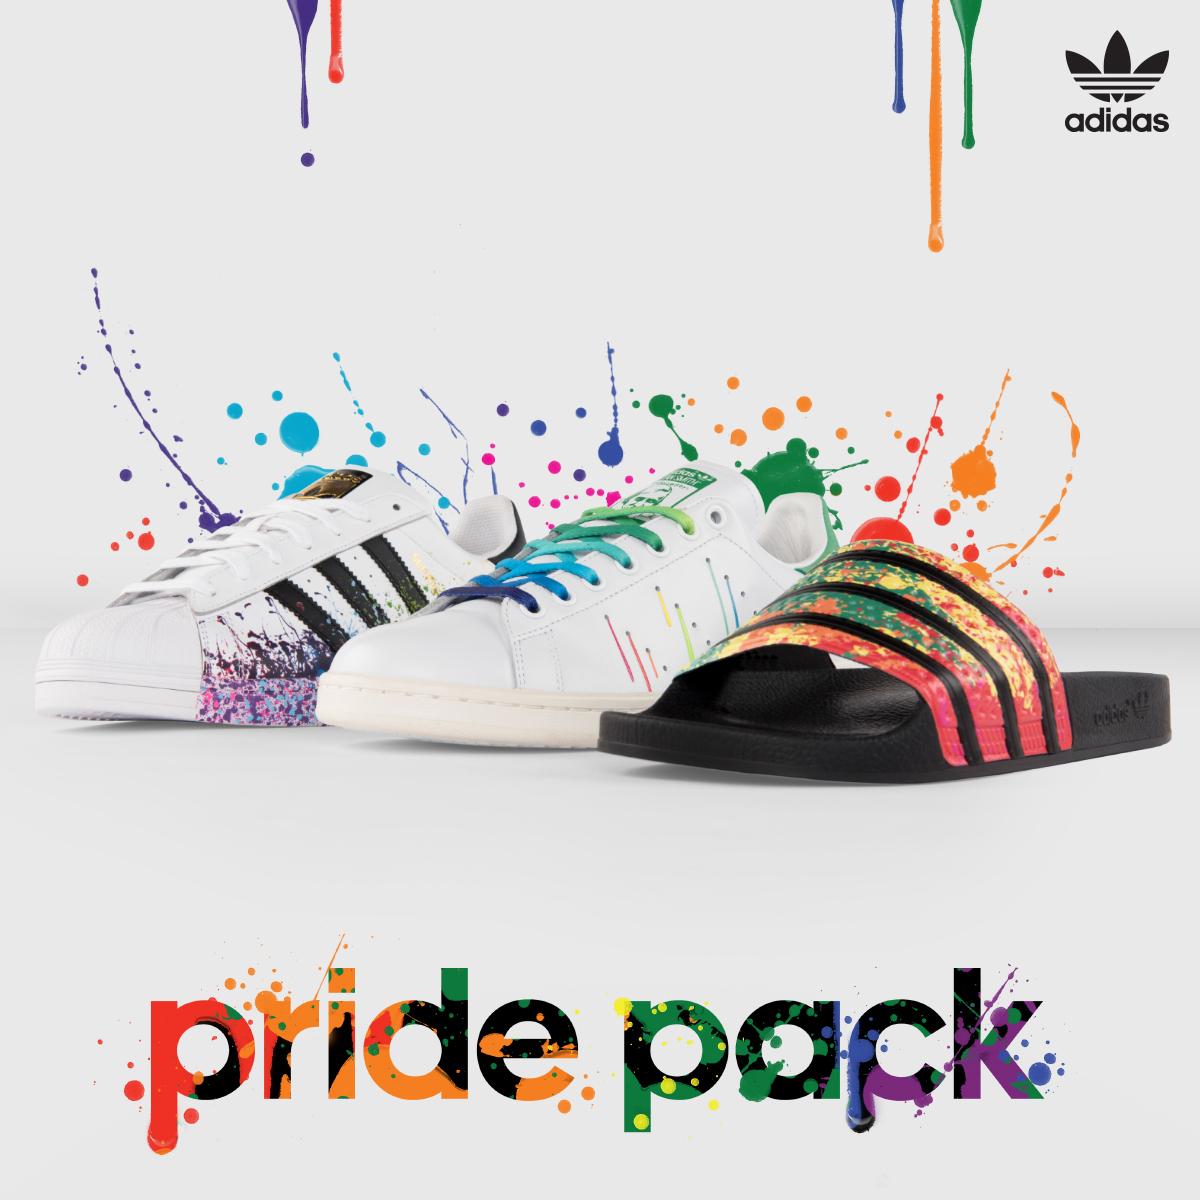 adidas_Pride_Instagram_Group.jpg